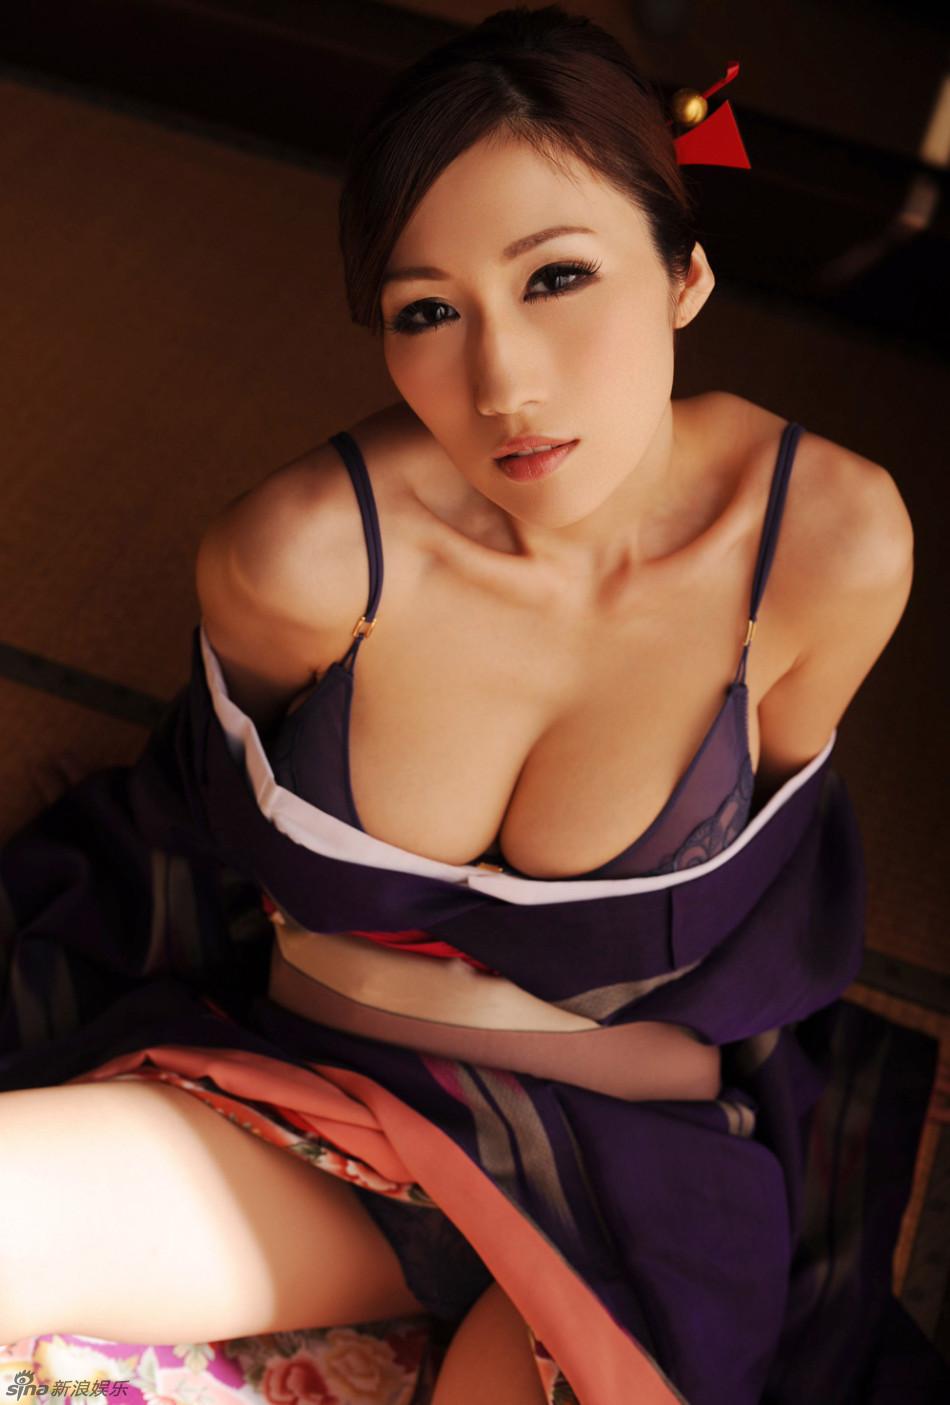 京香julia写真秀j杯豪乳图片